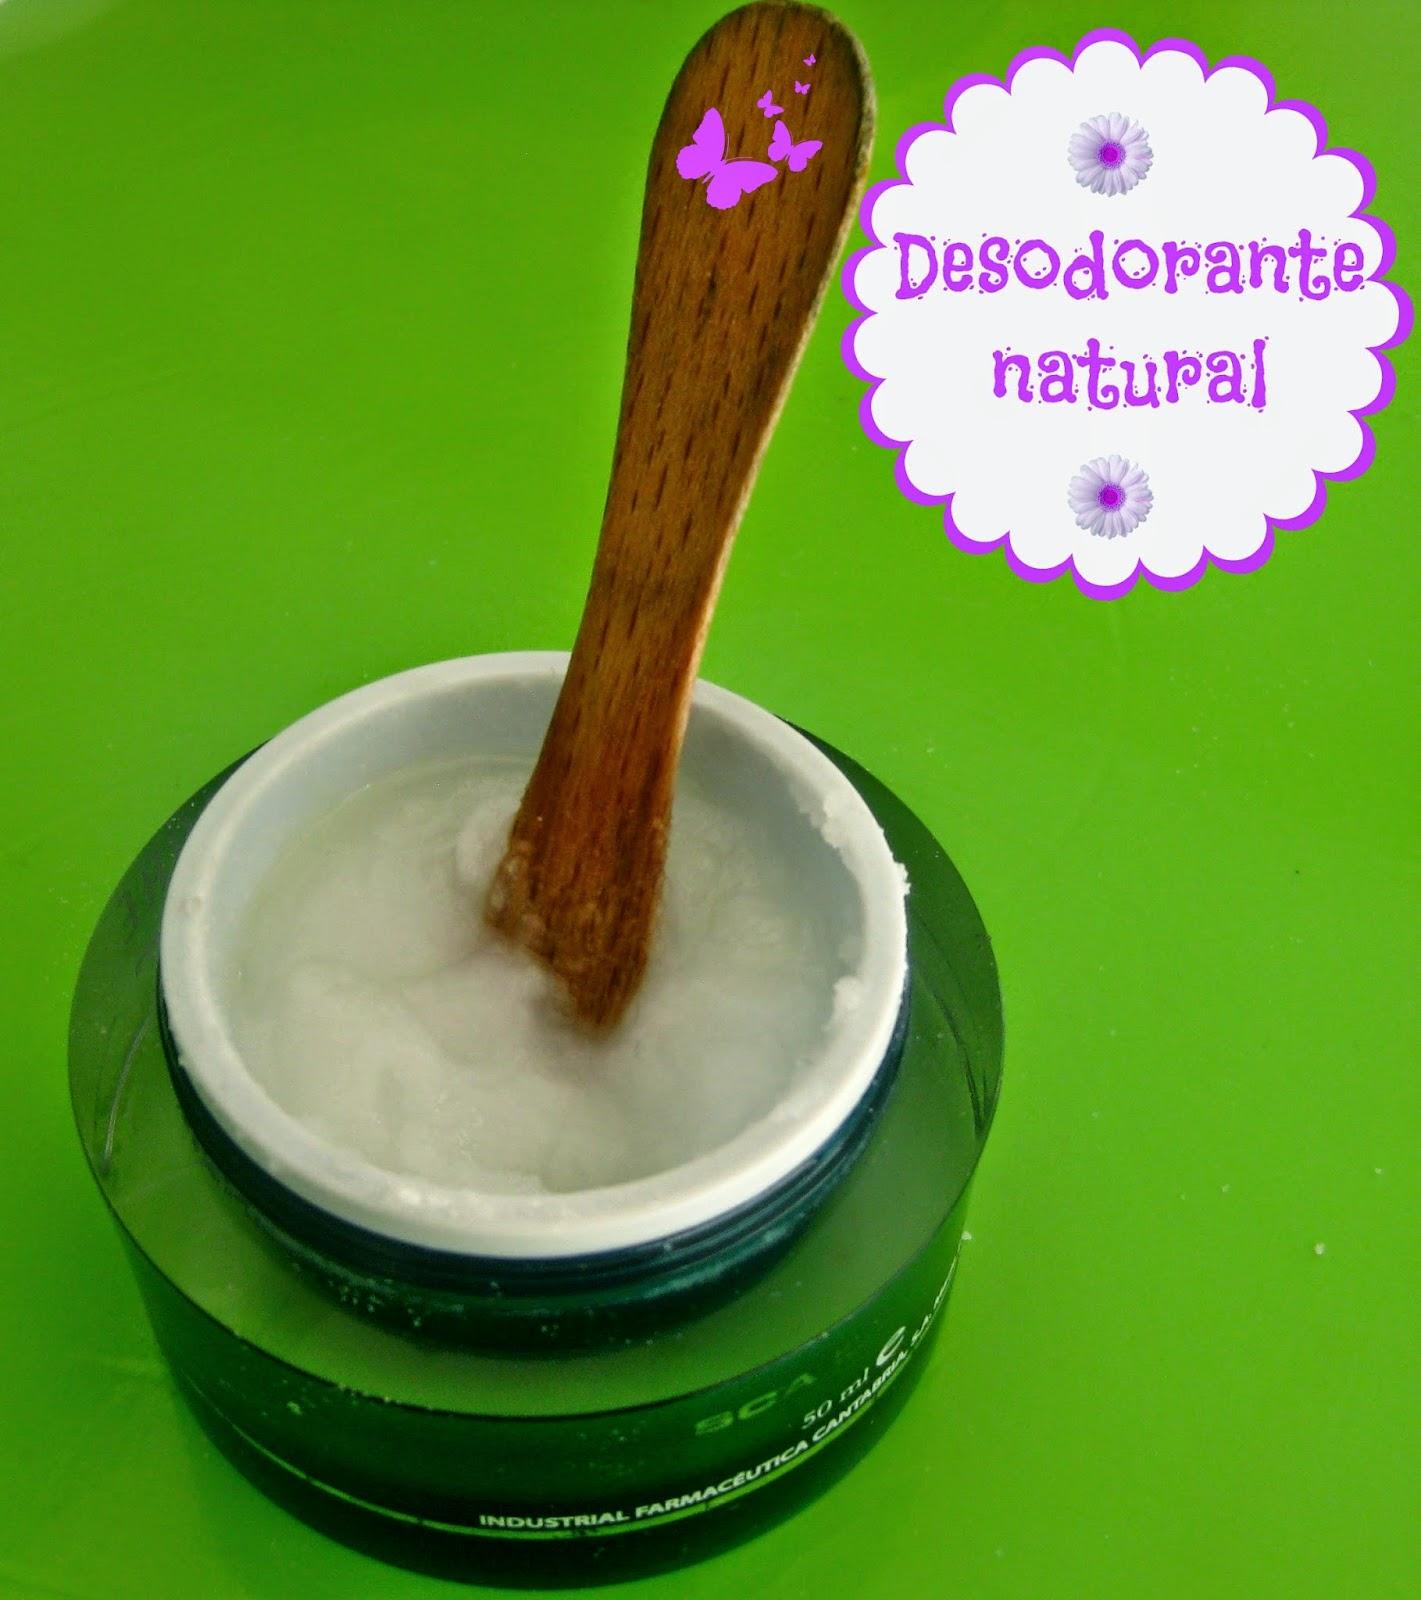 desodorante-natural-bicarbonato-casero